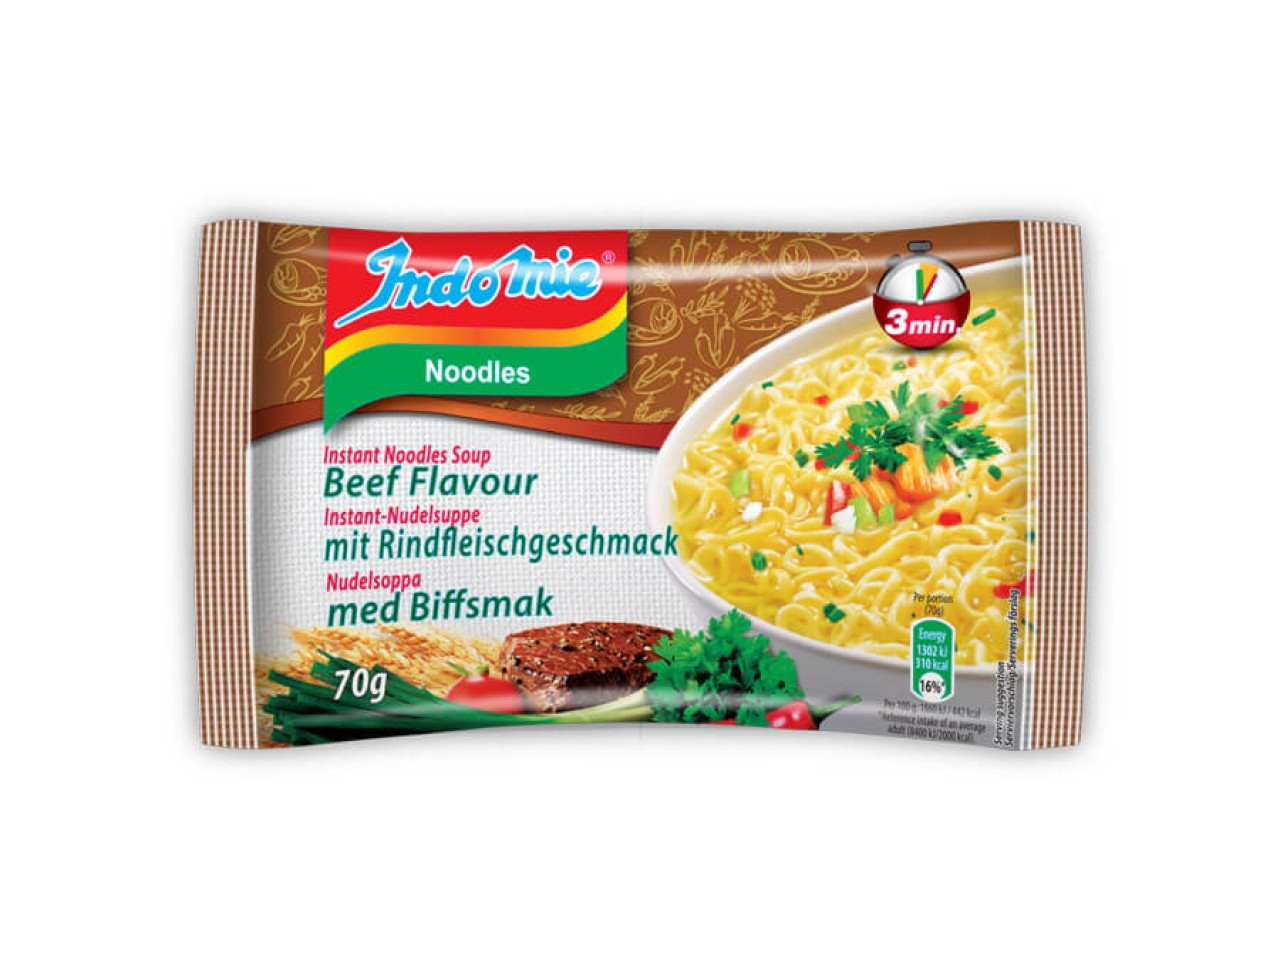 Indomie instant noodles soup Beef flavour